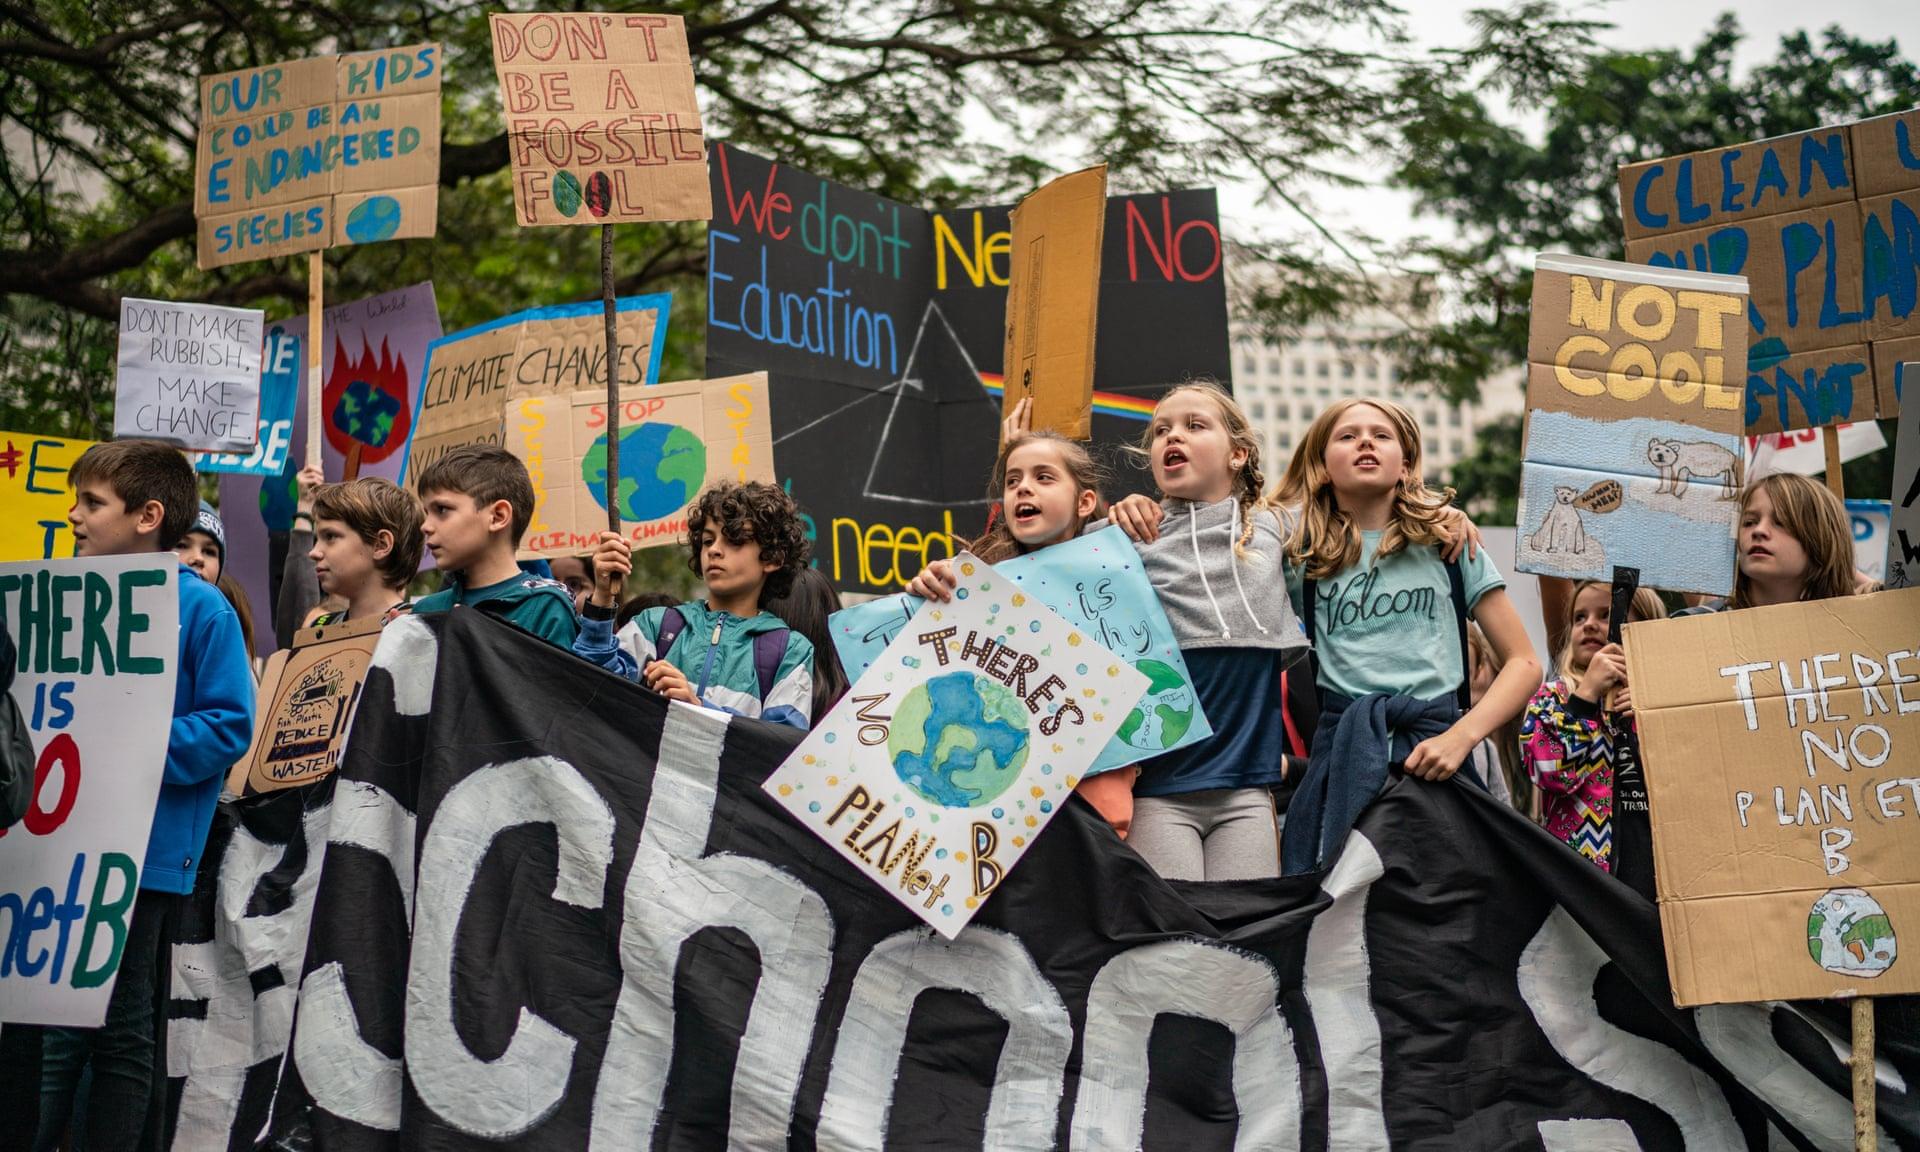 забастовки против изменений климата